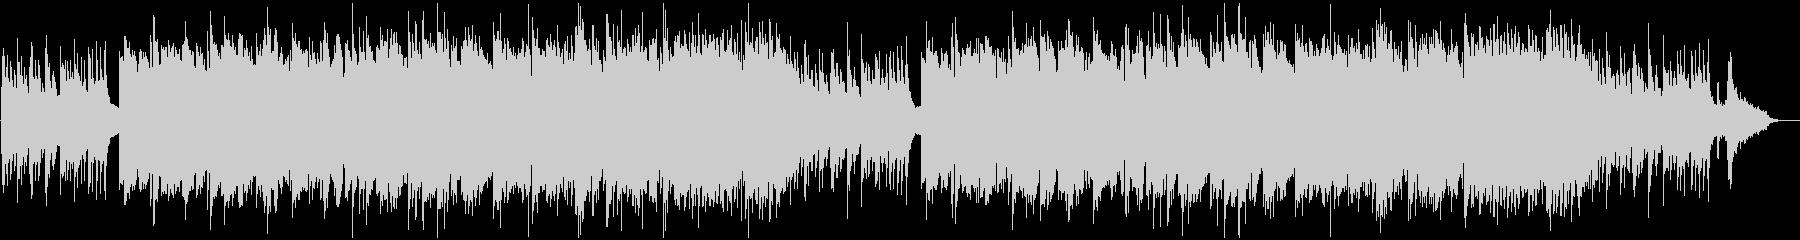 メロウで澄み渡るイメージのBGMの未再生の波形